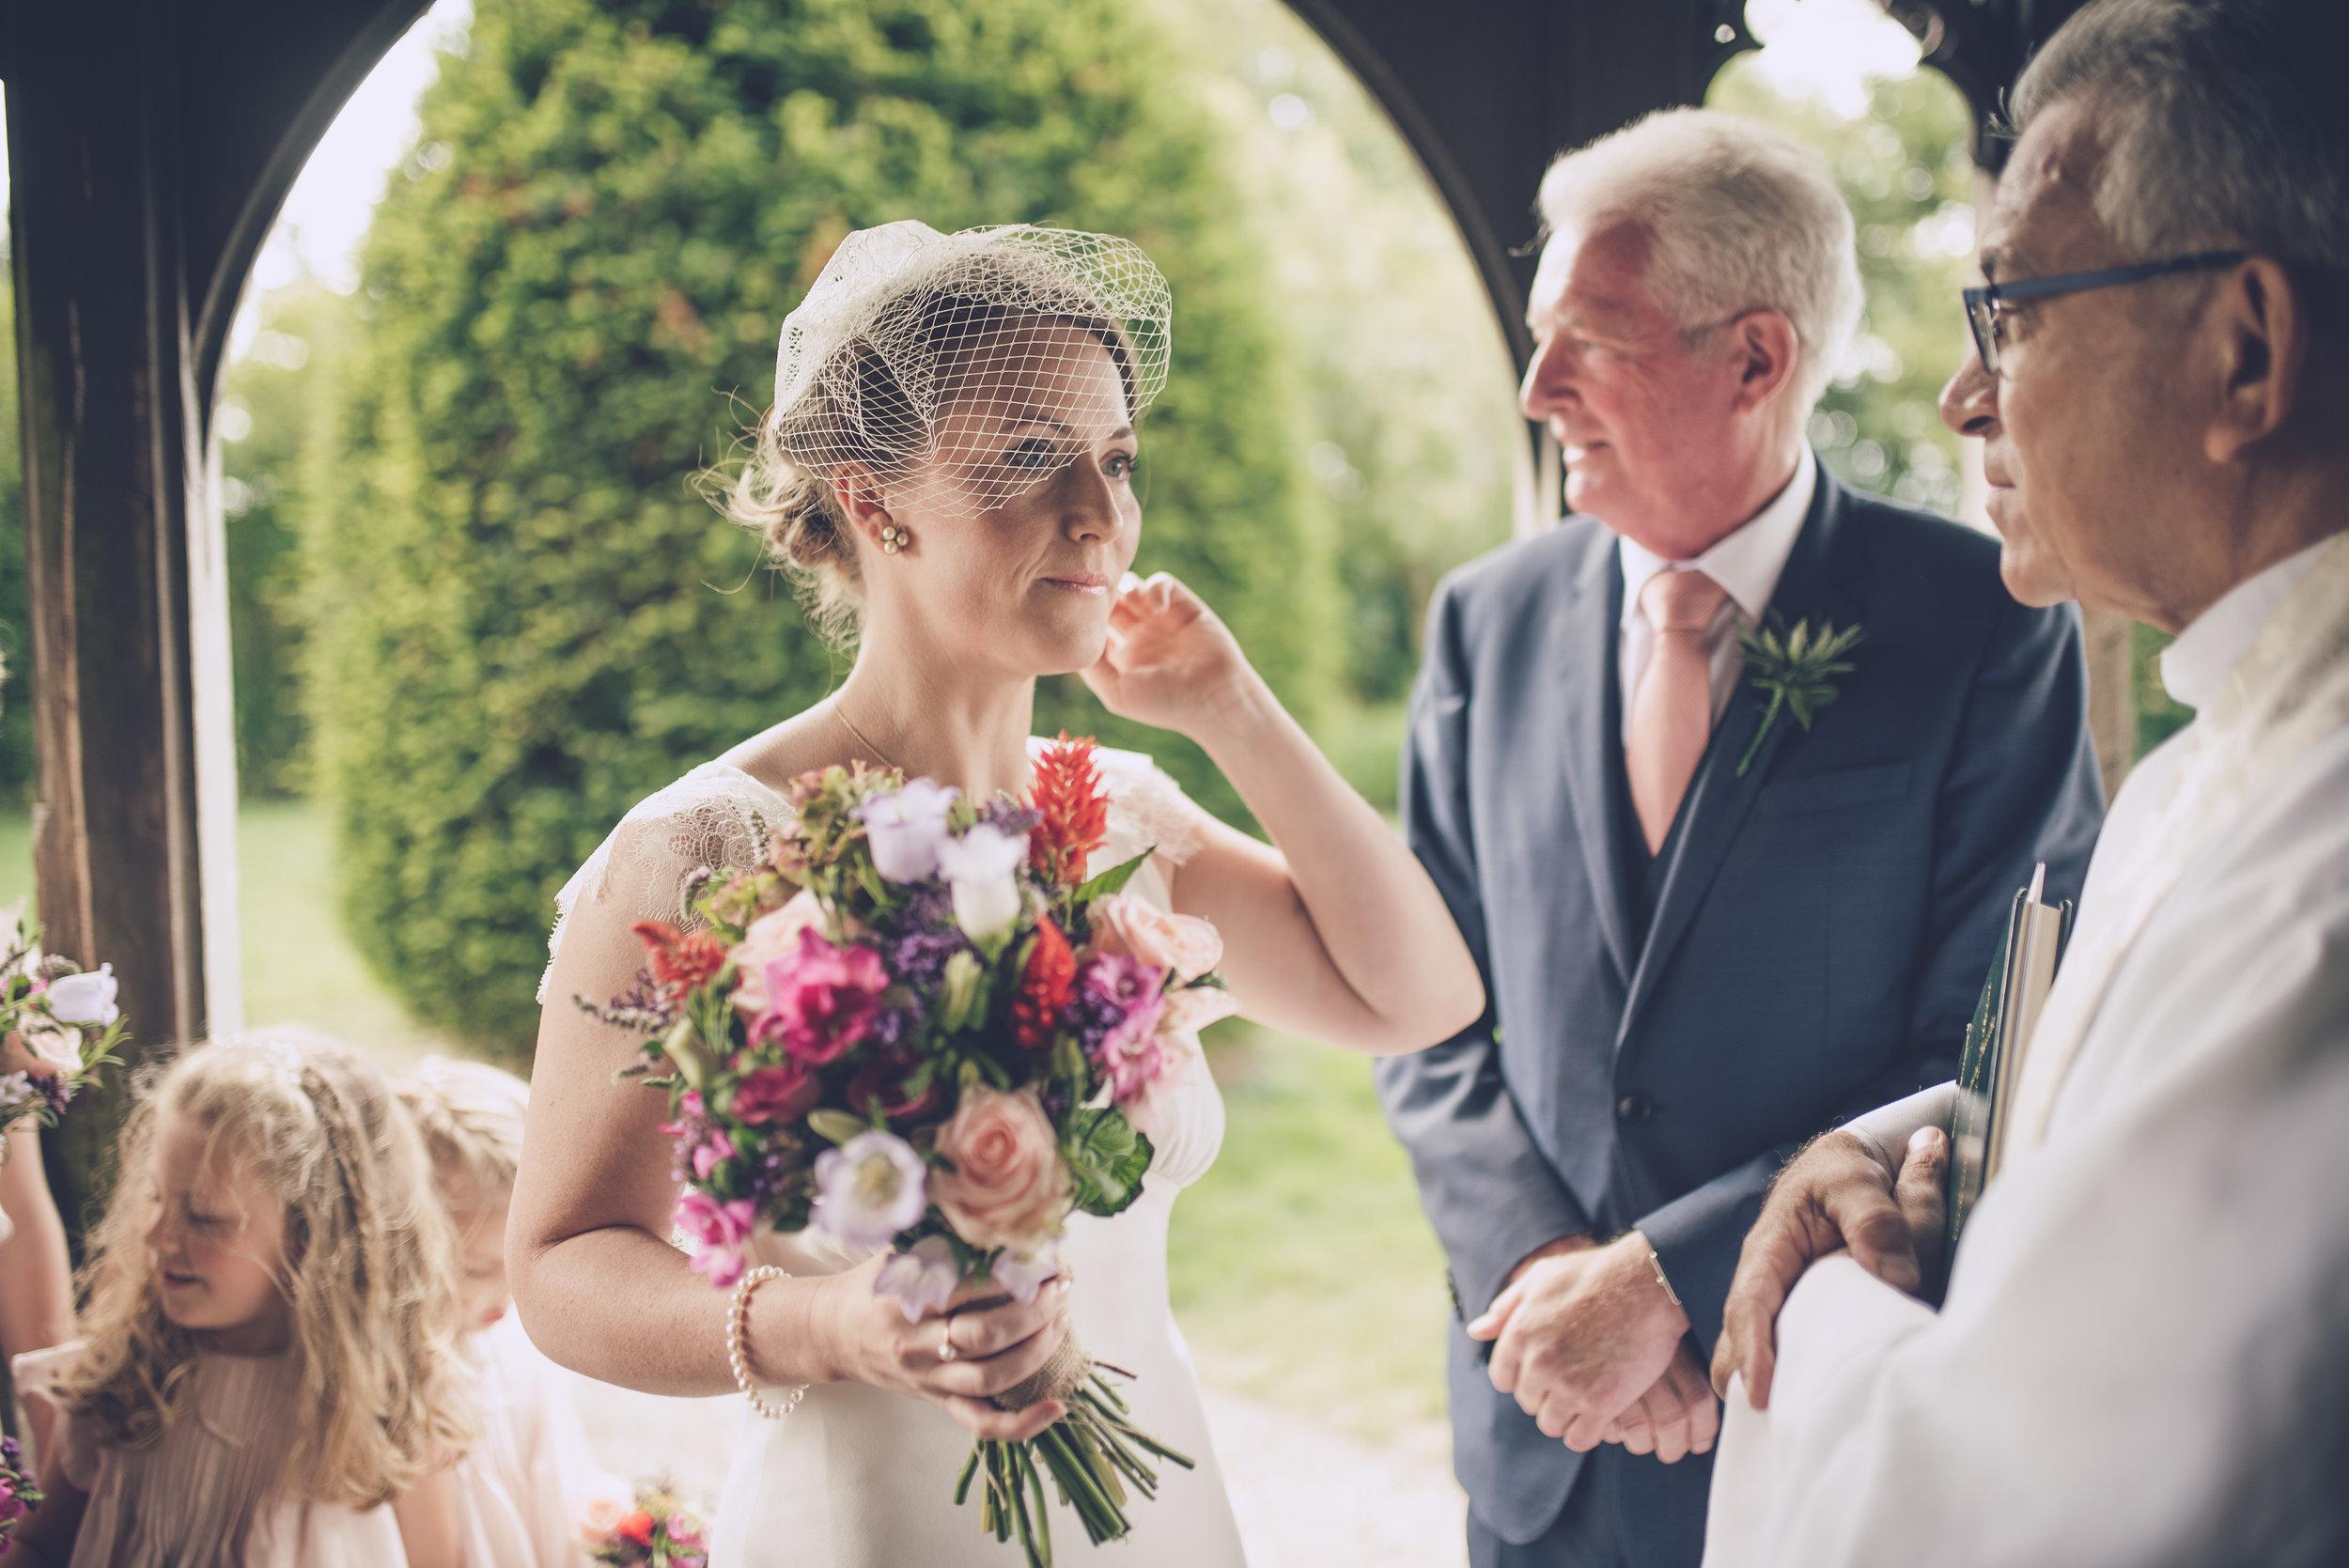 Sarah-Susanna-Greening-Bias-Vintage-Lace-Wedding-Dress-Bespoke-Matlock-Derbyshire-9